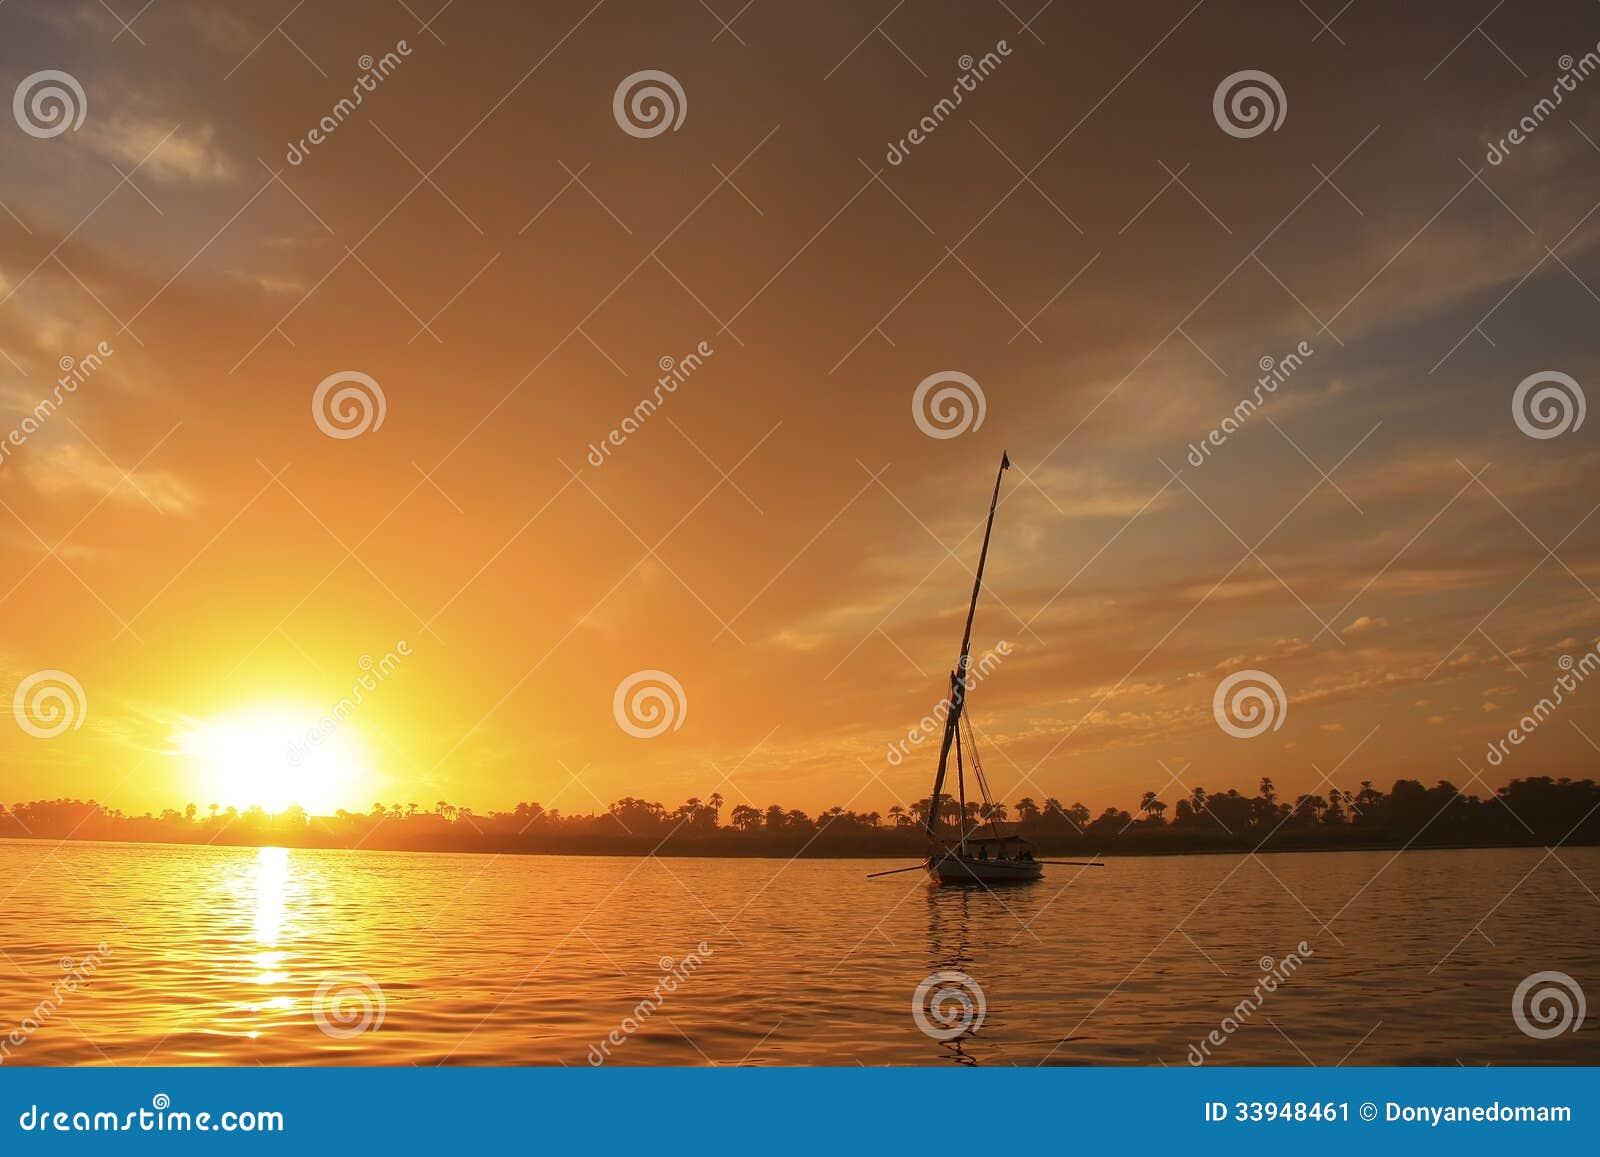 Feluccaboot die op de rivier van nijl bij zonsondergang, luxor, egypte